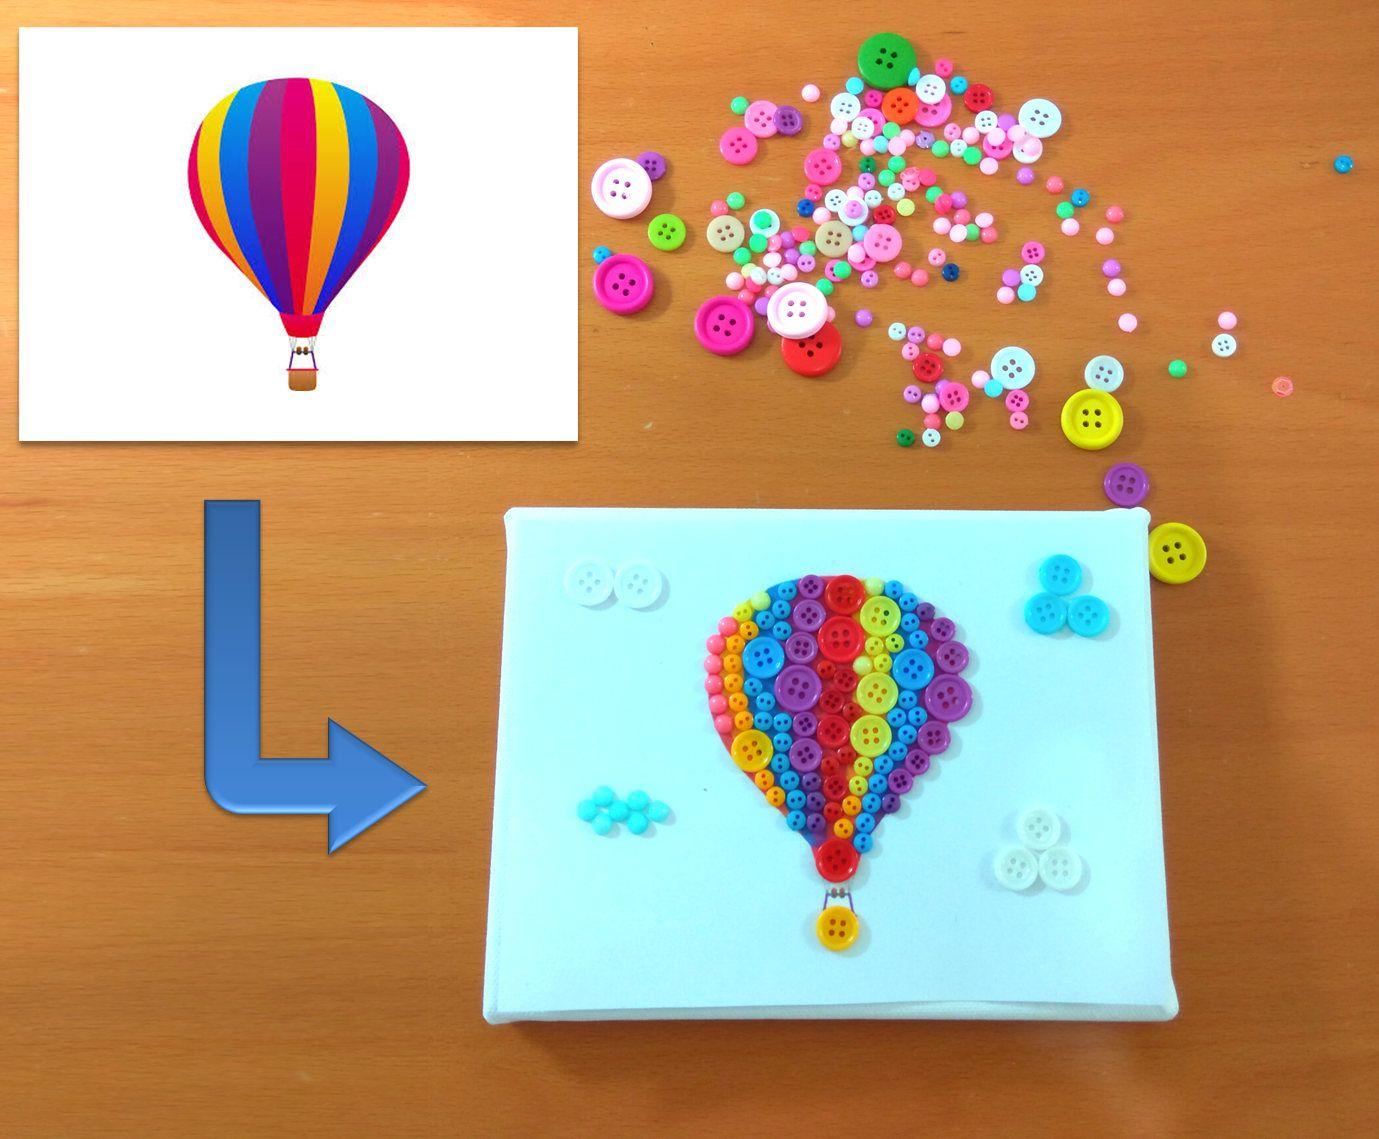 Diy button art kit for kids button canvas craft kit ballon art diy button art kit for kids button canvas craft kit ballon art puzzle solutioingenieria Images